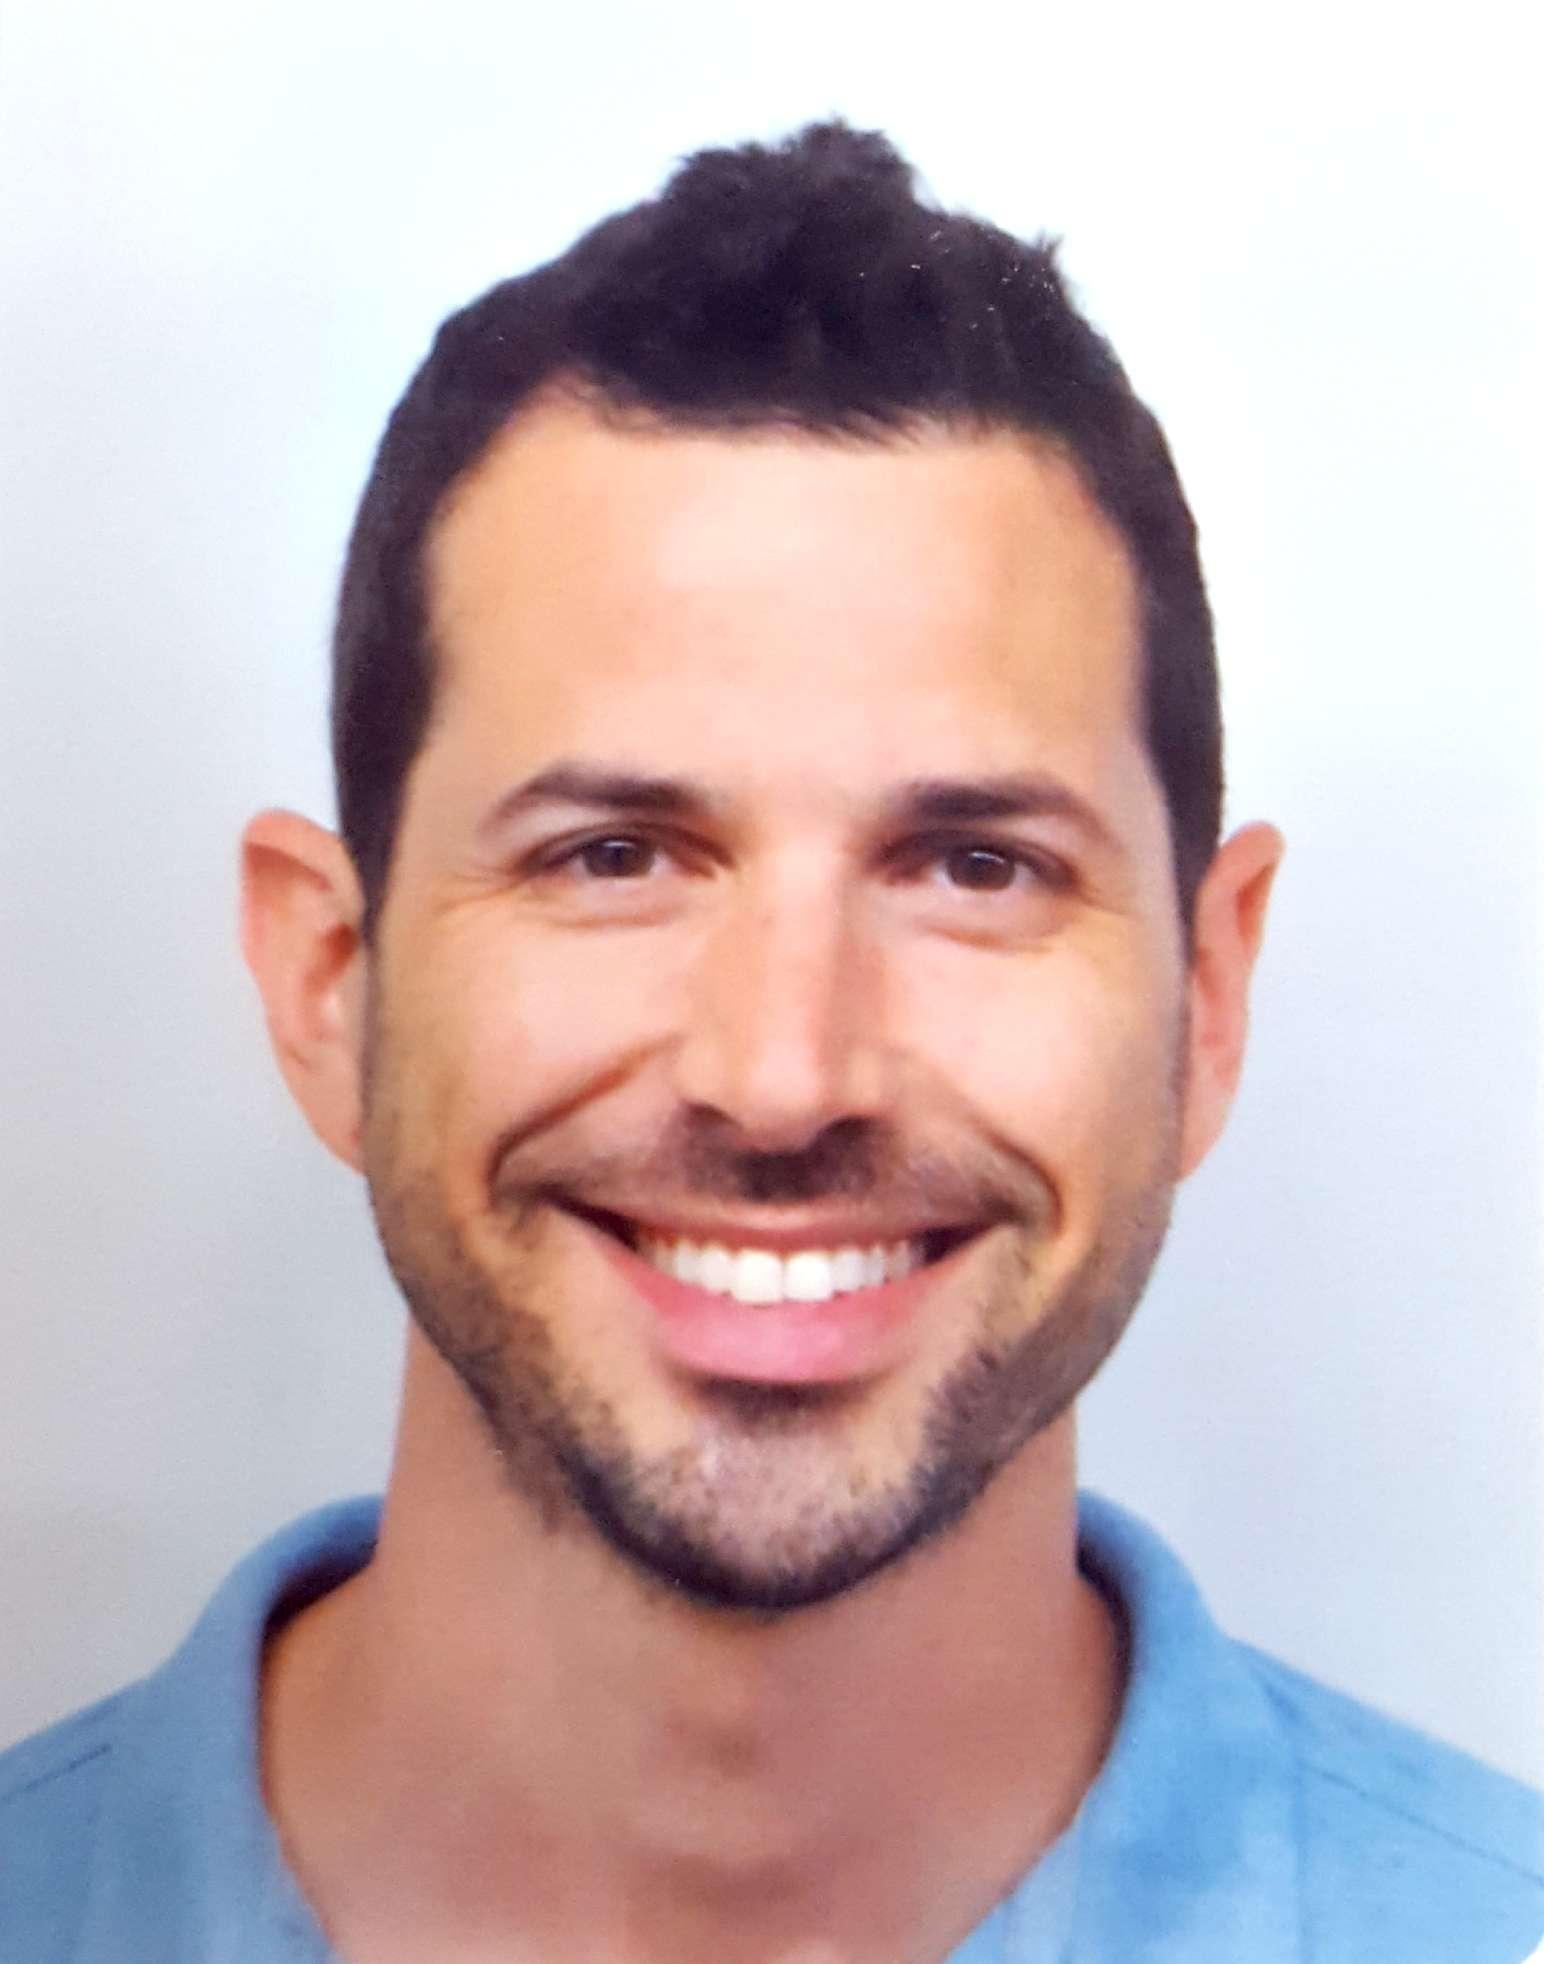 """ד""""ר רועי סיימון רפואת שיניים משמרת ומשחזרת"""